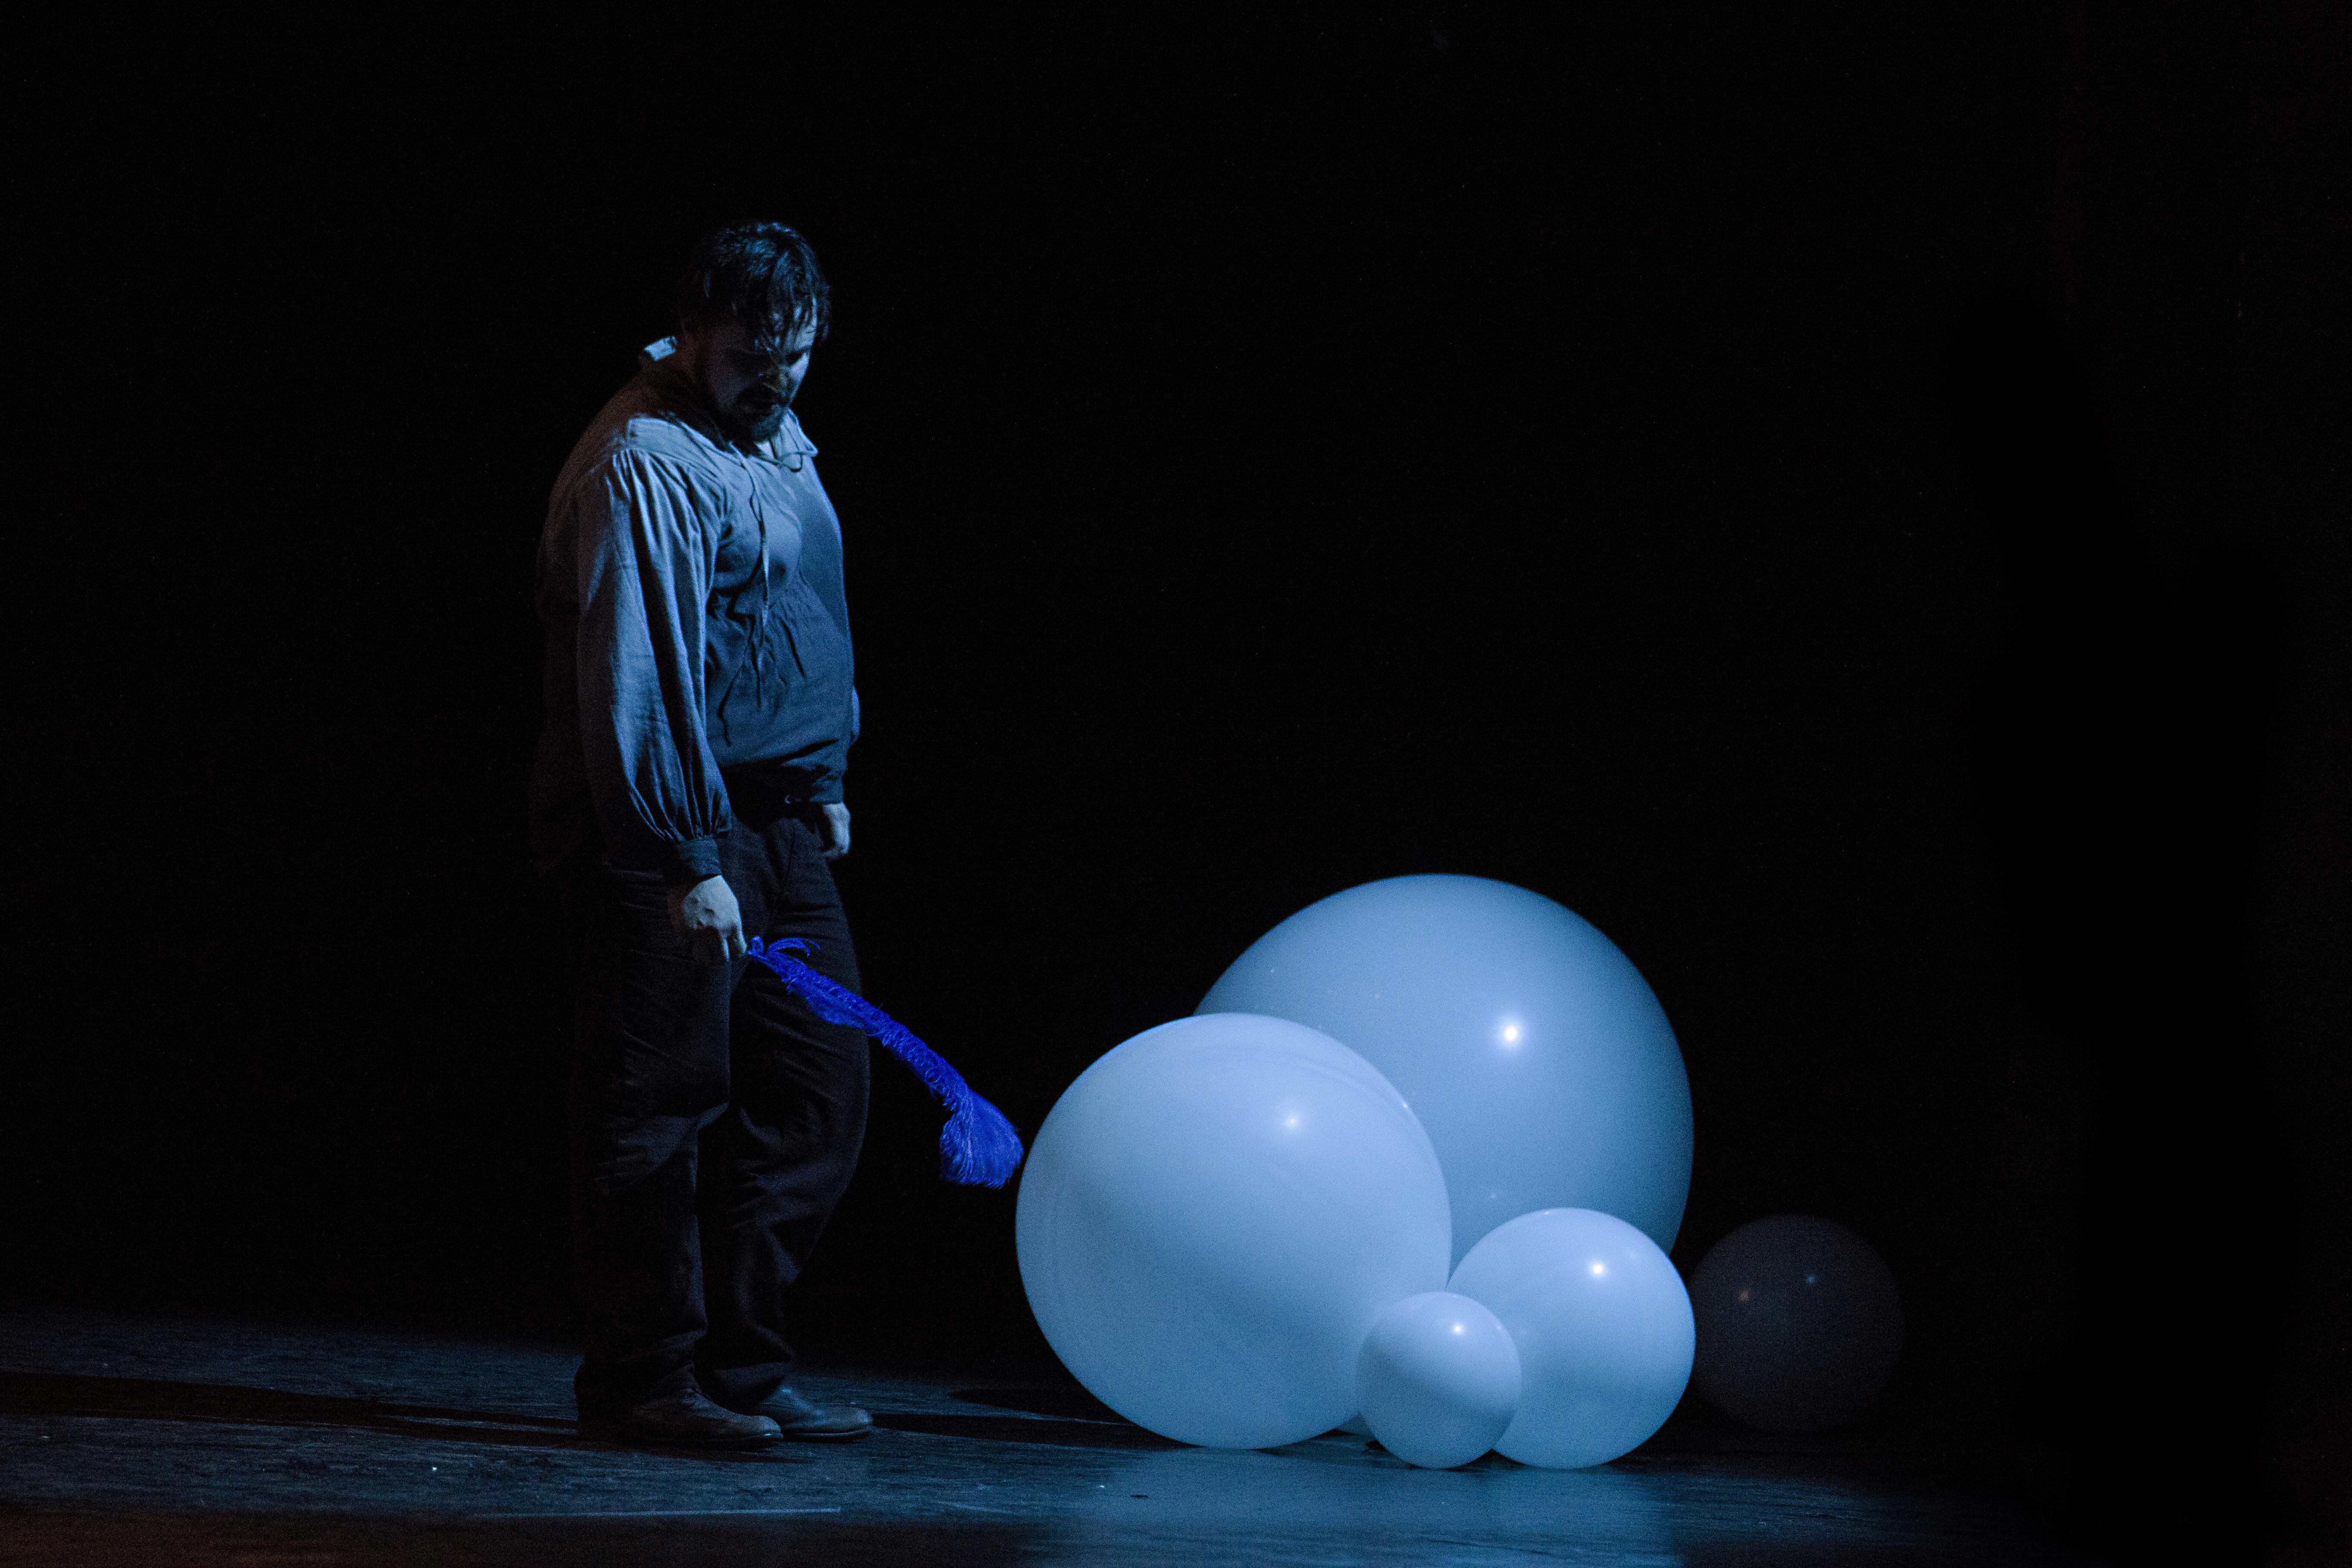 Cyrano sulla luna